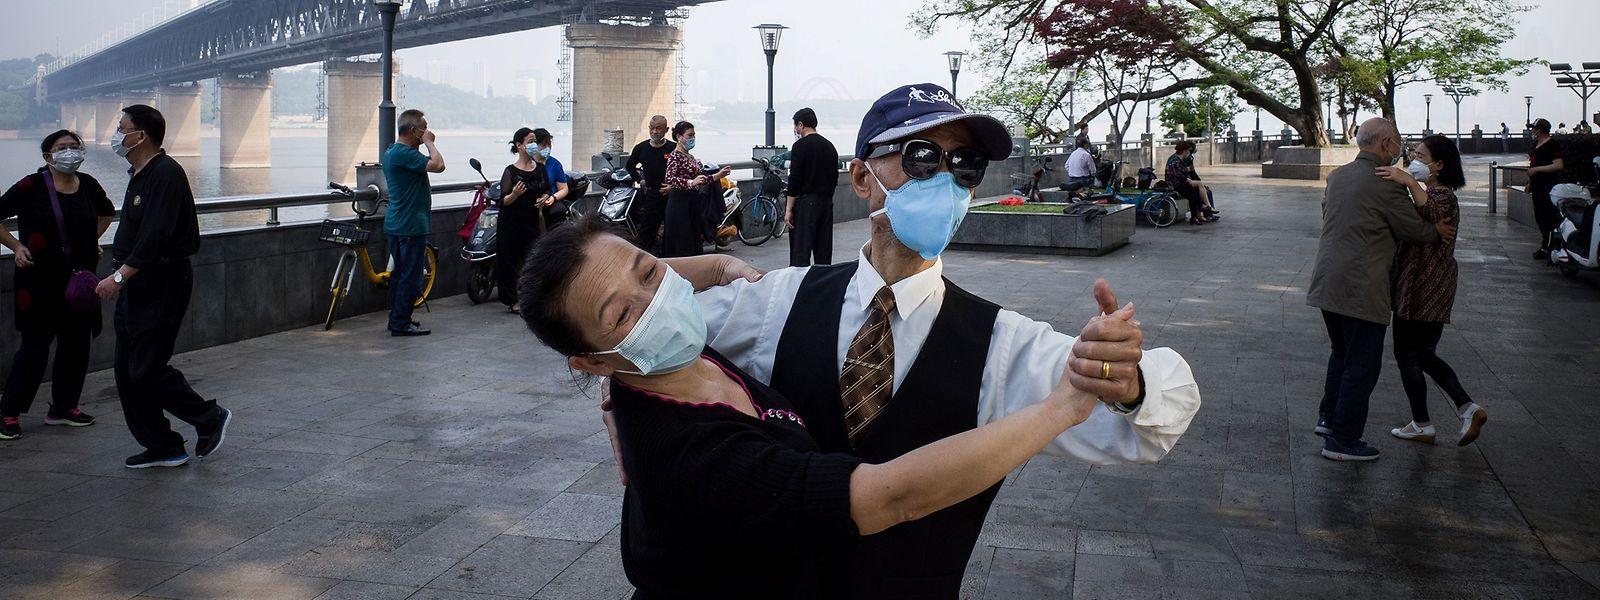 Ein Tänzchen zum Nationalfeiertag: Auch China lockert seine Auflagen, wie hier in Wuhan.